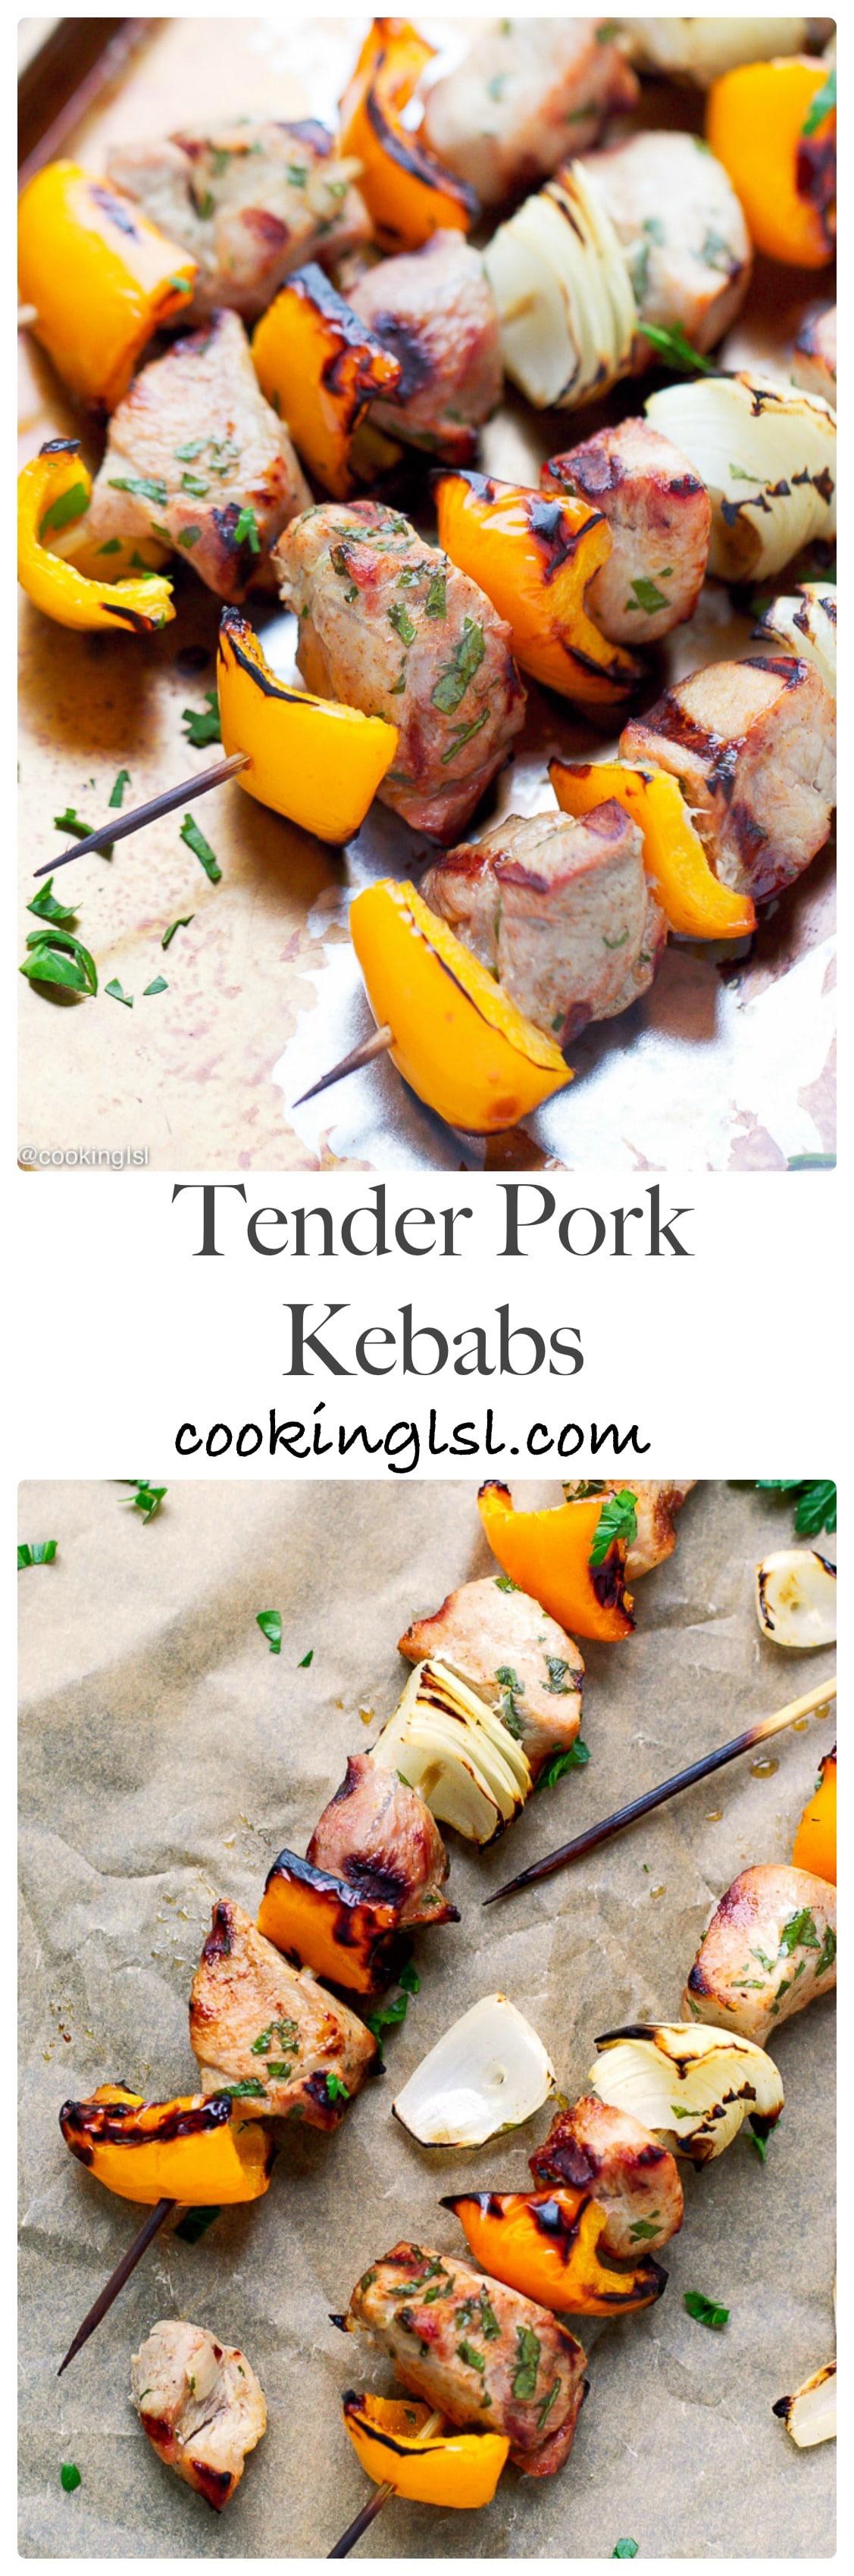 tender-pork-kebabs-beer-wine-marinated